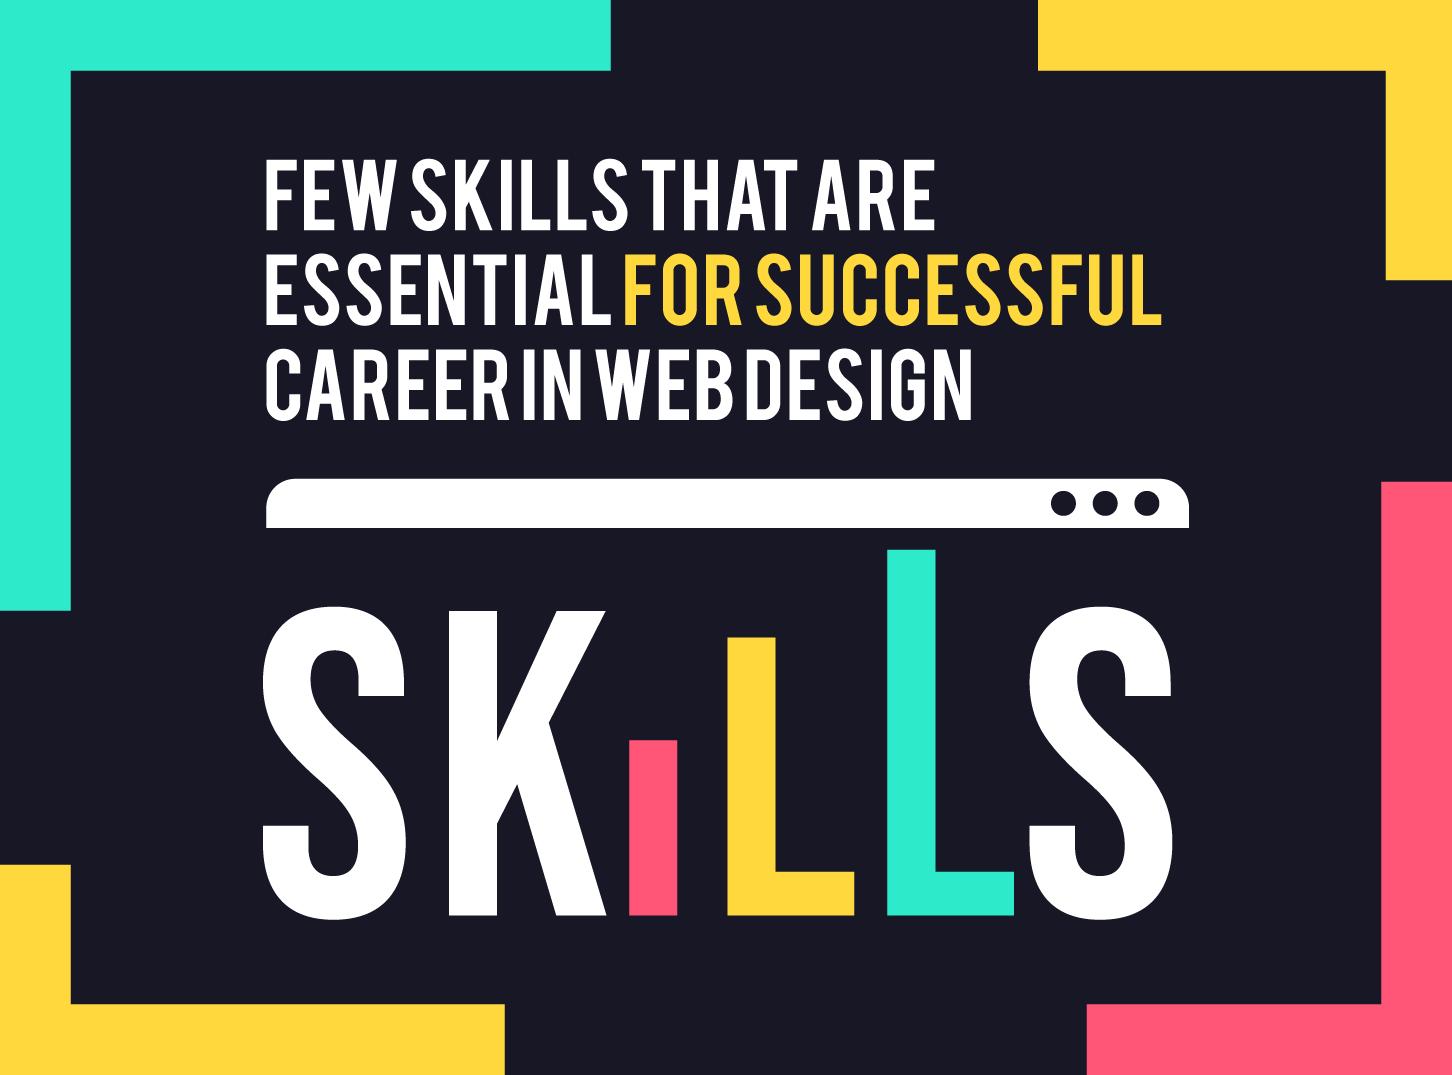 Few skills for better web design carrer - Inkyy Web Design Studio